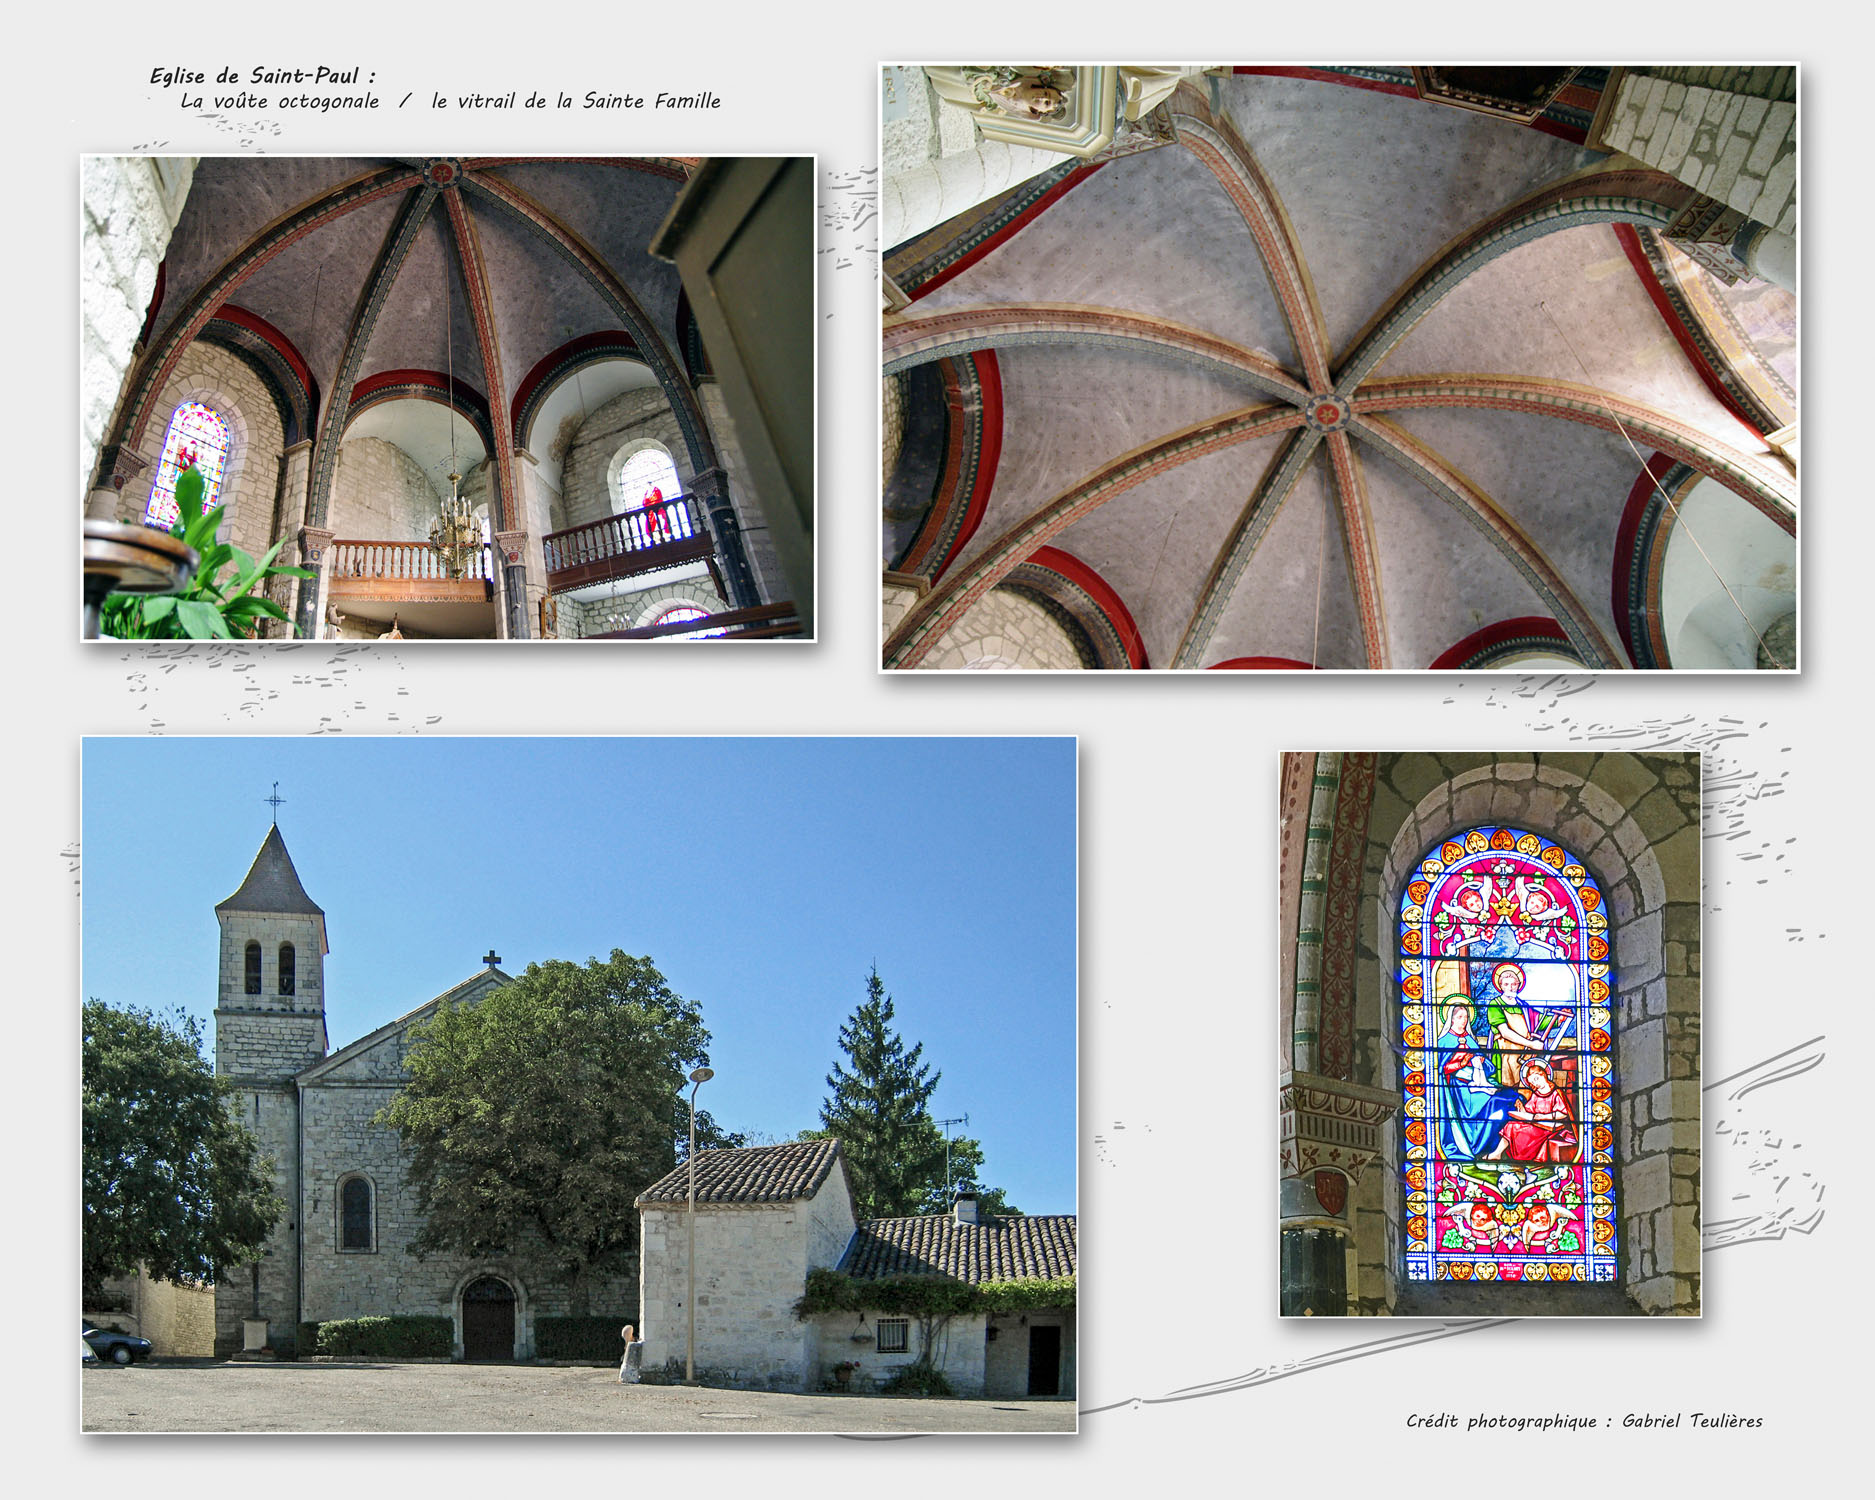 Eglise de Saint Paul (1)